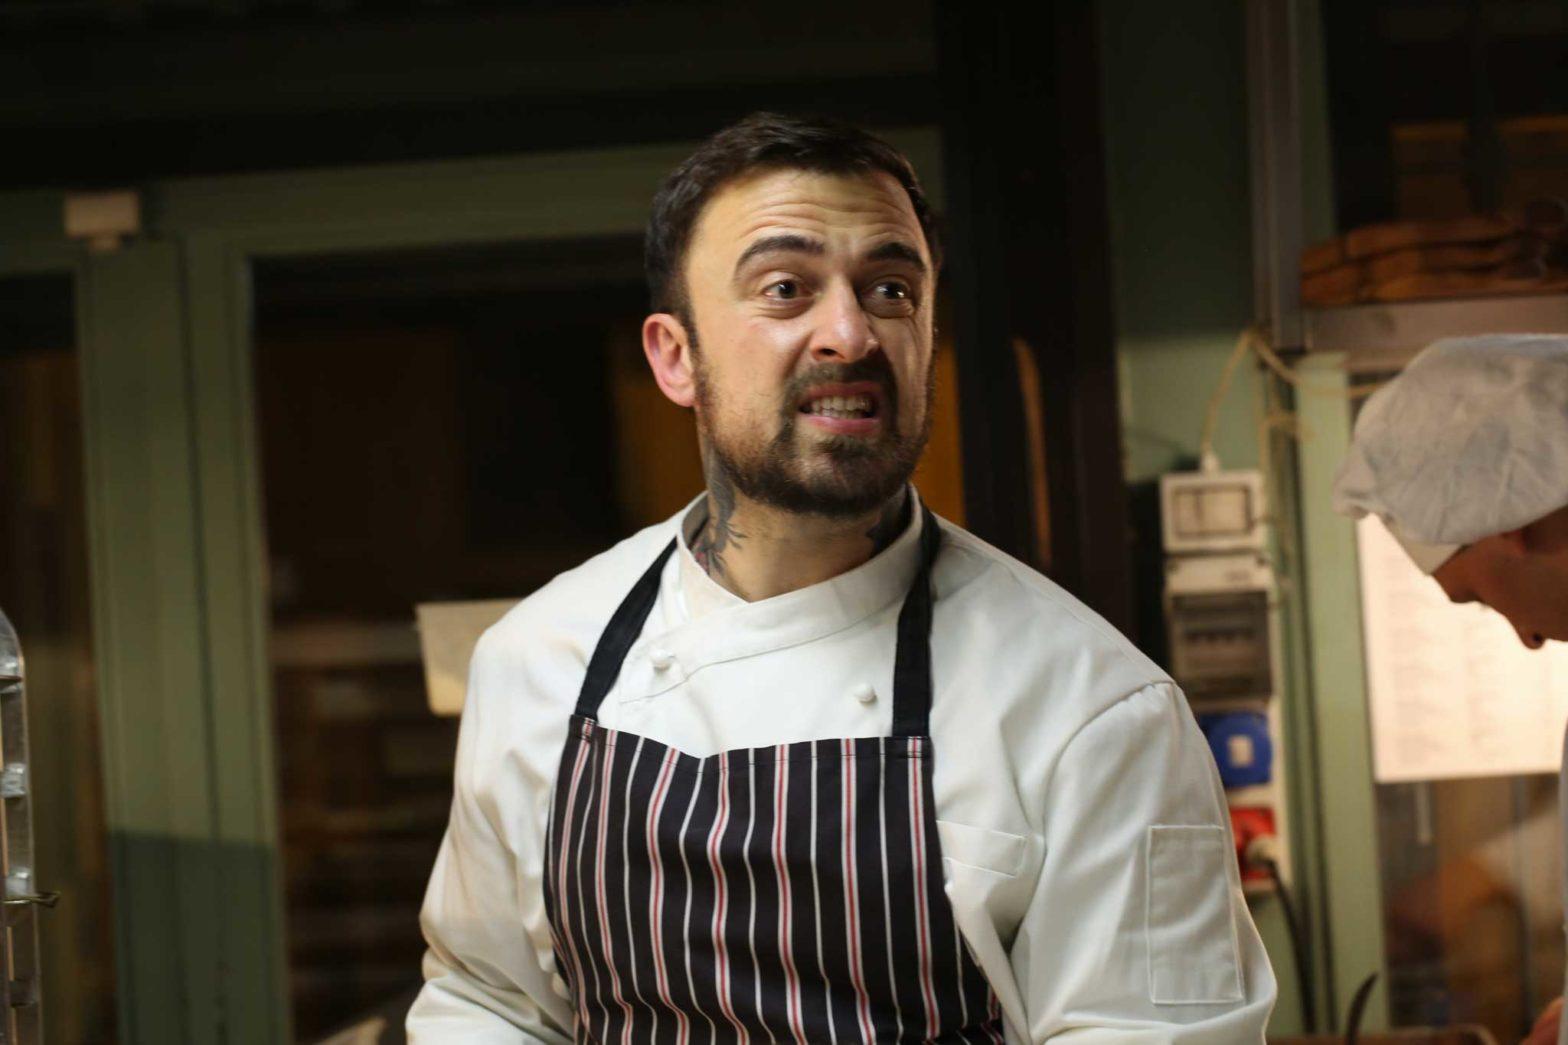 Chef rubio litigio social